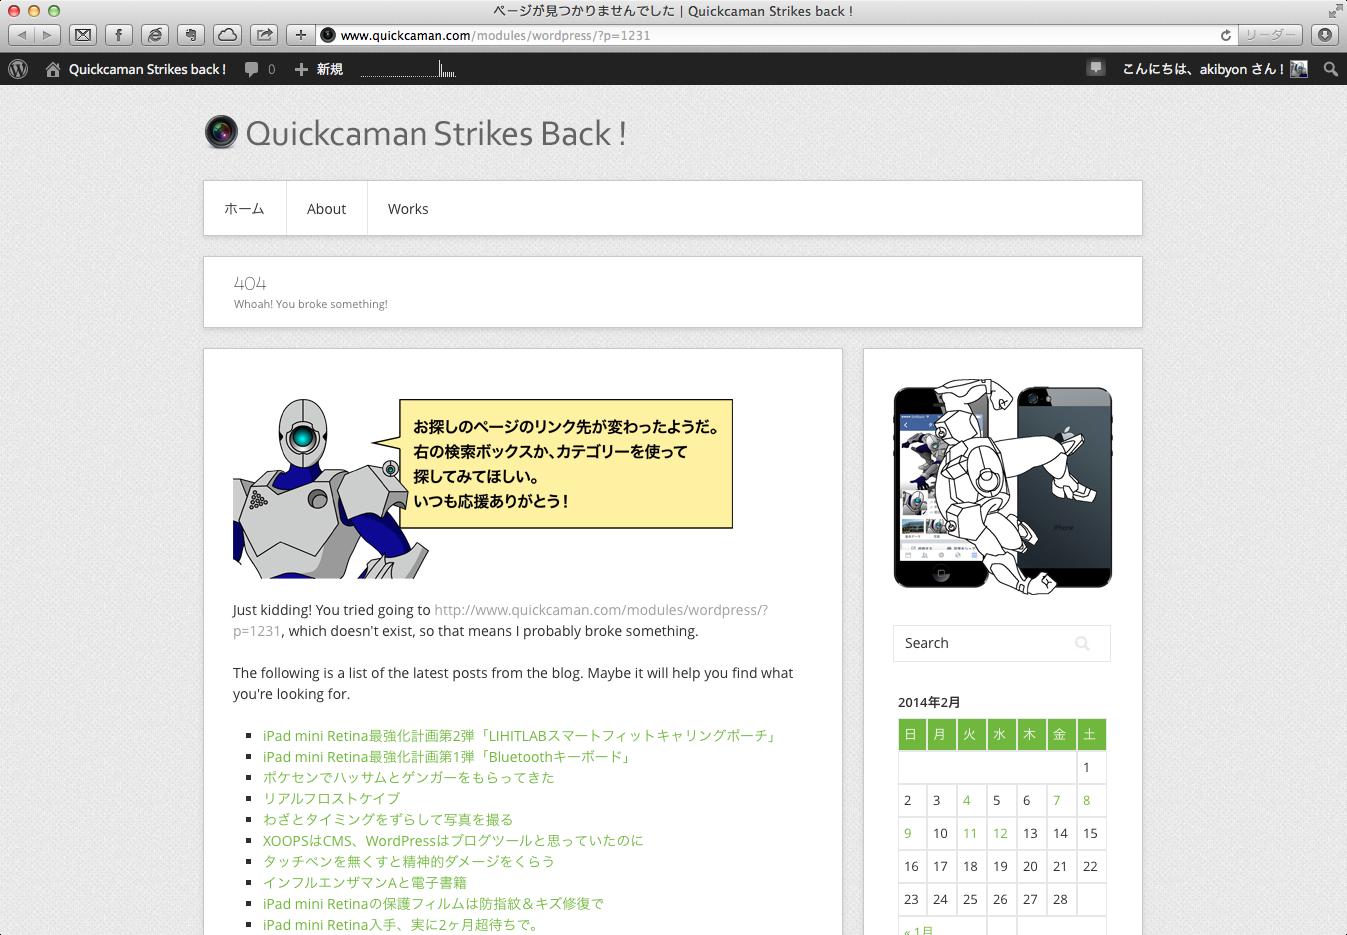 screenshot-quickcaman-404-not-found